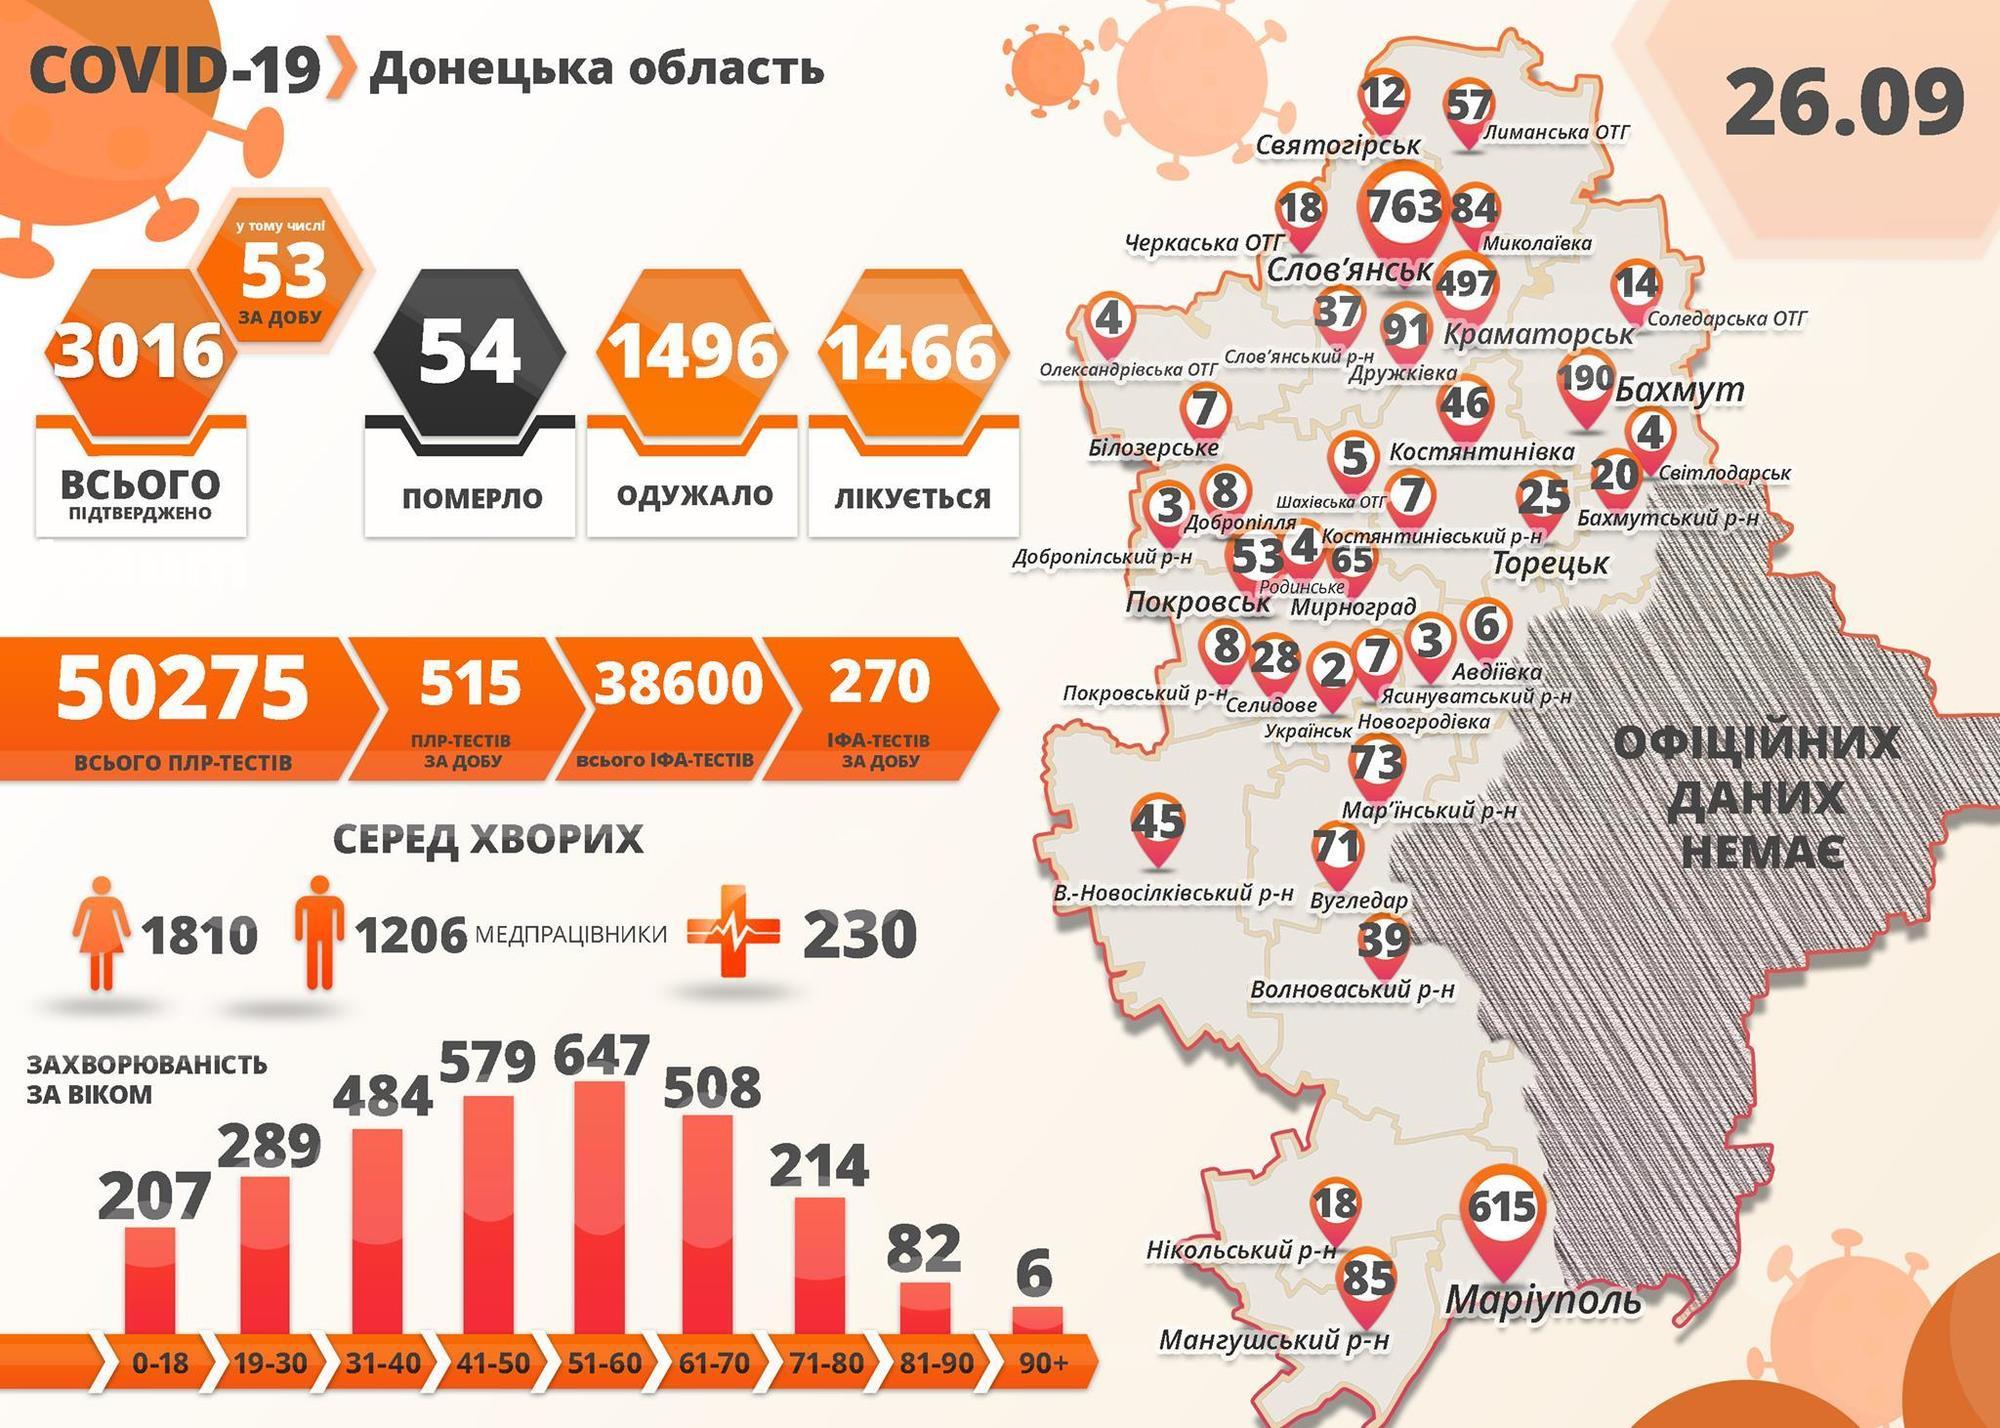 """COVID-19: на подконтрольной Донетчине заразились 45 взрослых и 8 детей, в """"ДНР"""" ㅡ 50 новых больных"""